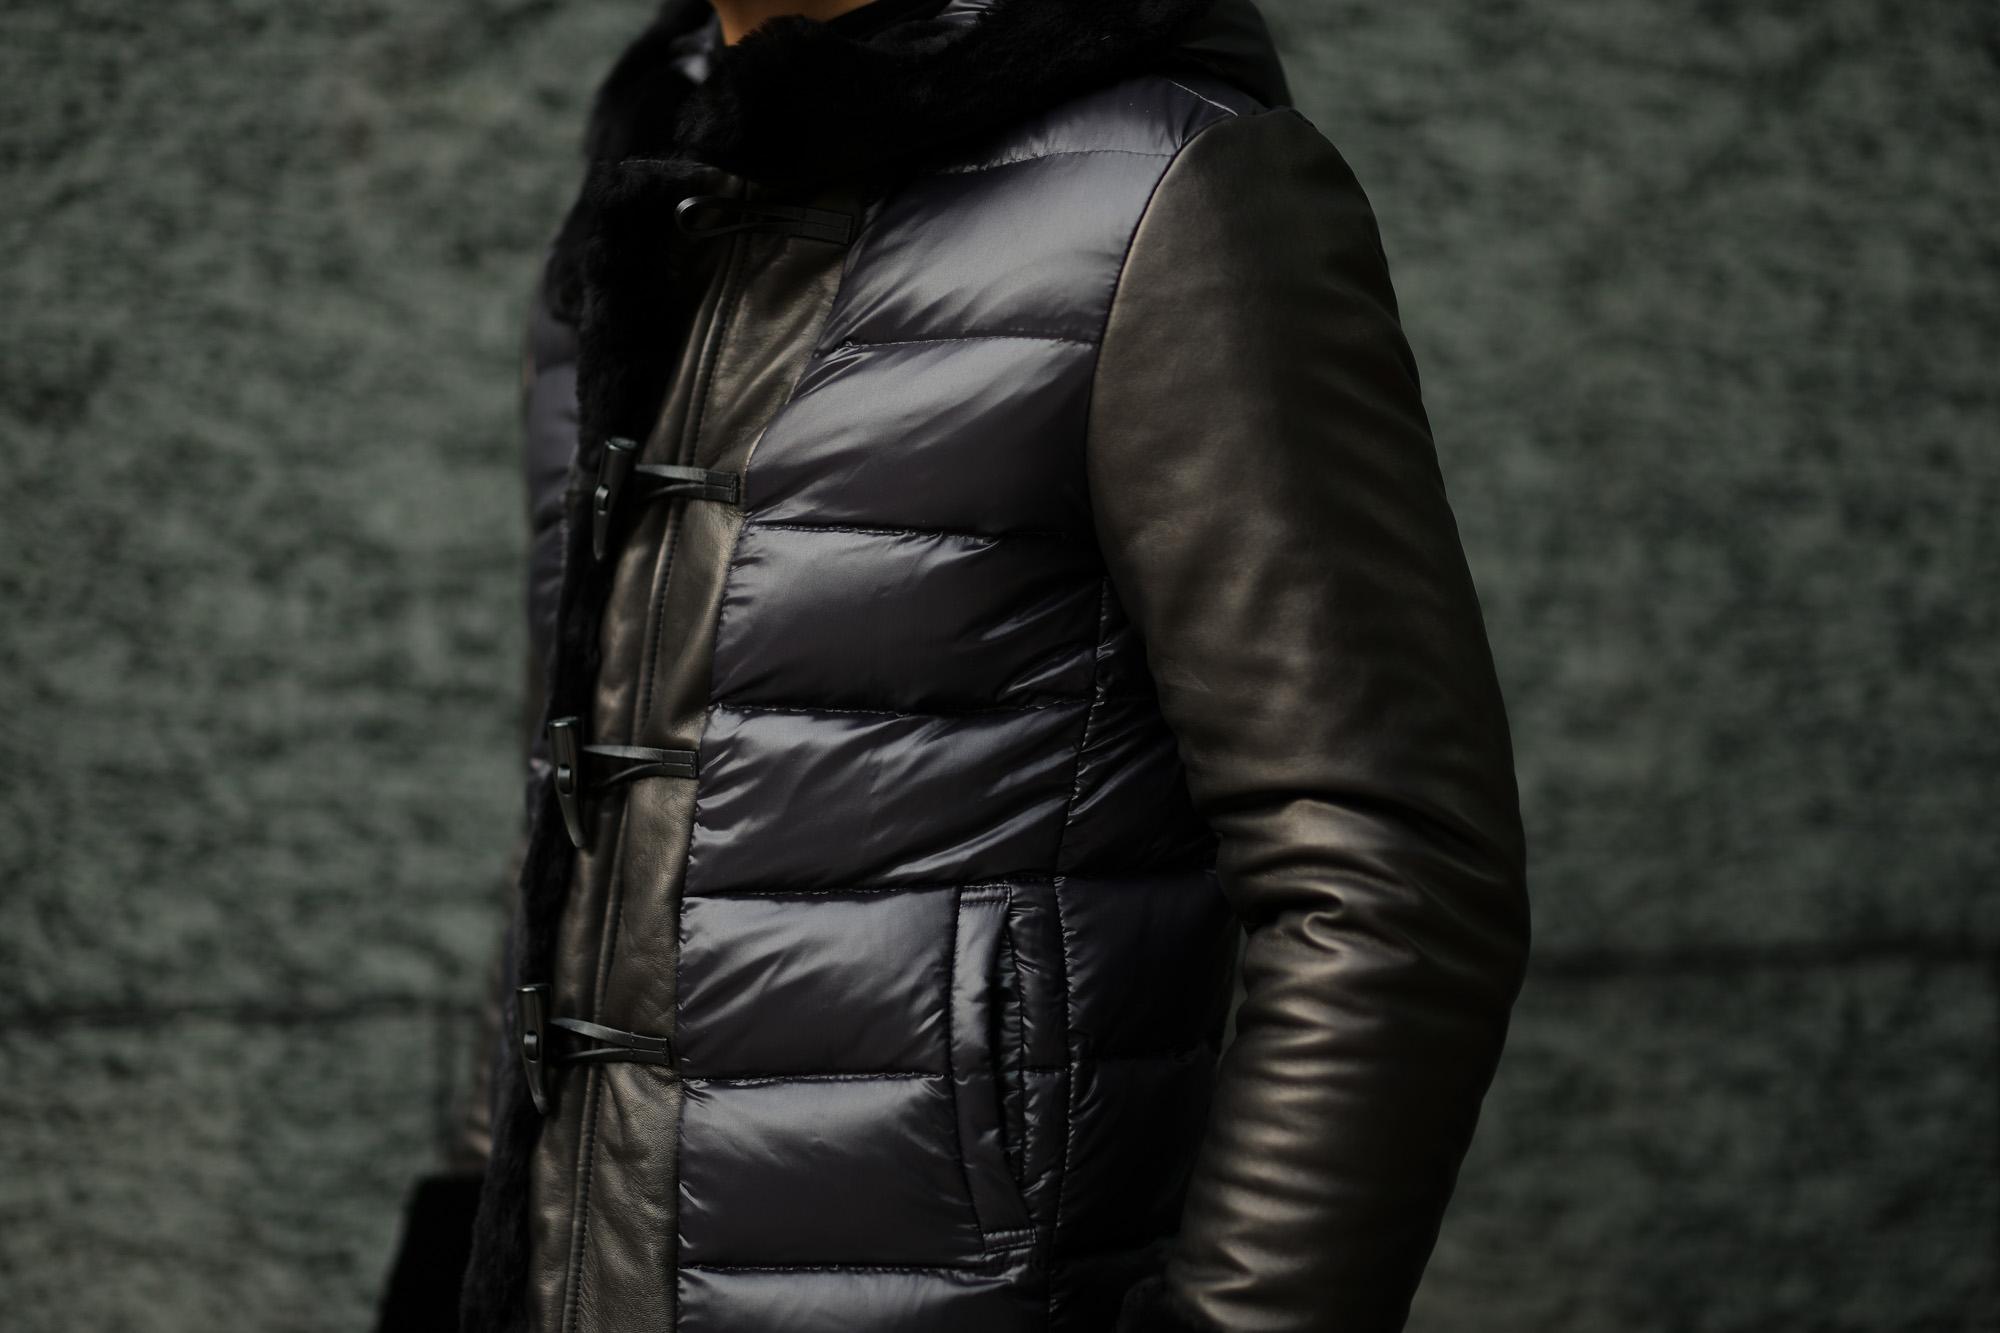 EMMETI (エンメティ) FERNANDO (フェルナンド) Lambskin Nappa Leather × Mouton × Nylon (ラムナッパレザー × ムートン × ナイロン) ムートンダウンジャケット NERO (ブラック・190/1) Made in italy (イタリア製) 2018 秋冬 【ご予約受付中】emmeti ダウン ムートン レザー 愛知 名古屋 Alto e Diritto アルト エ デリット